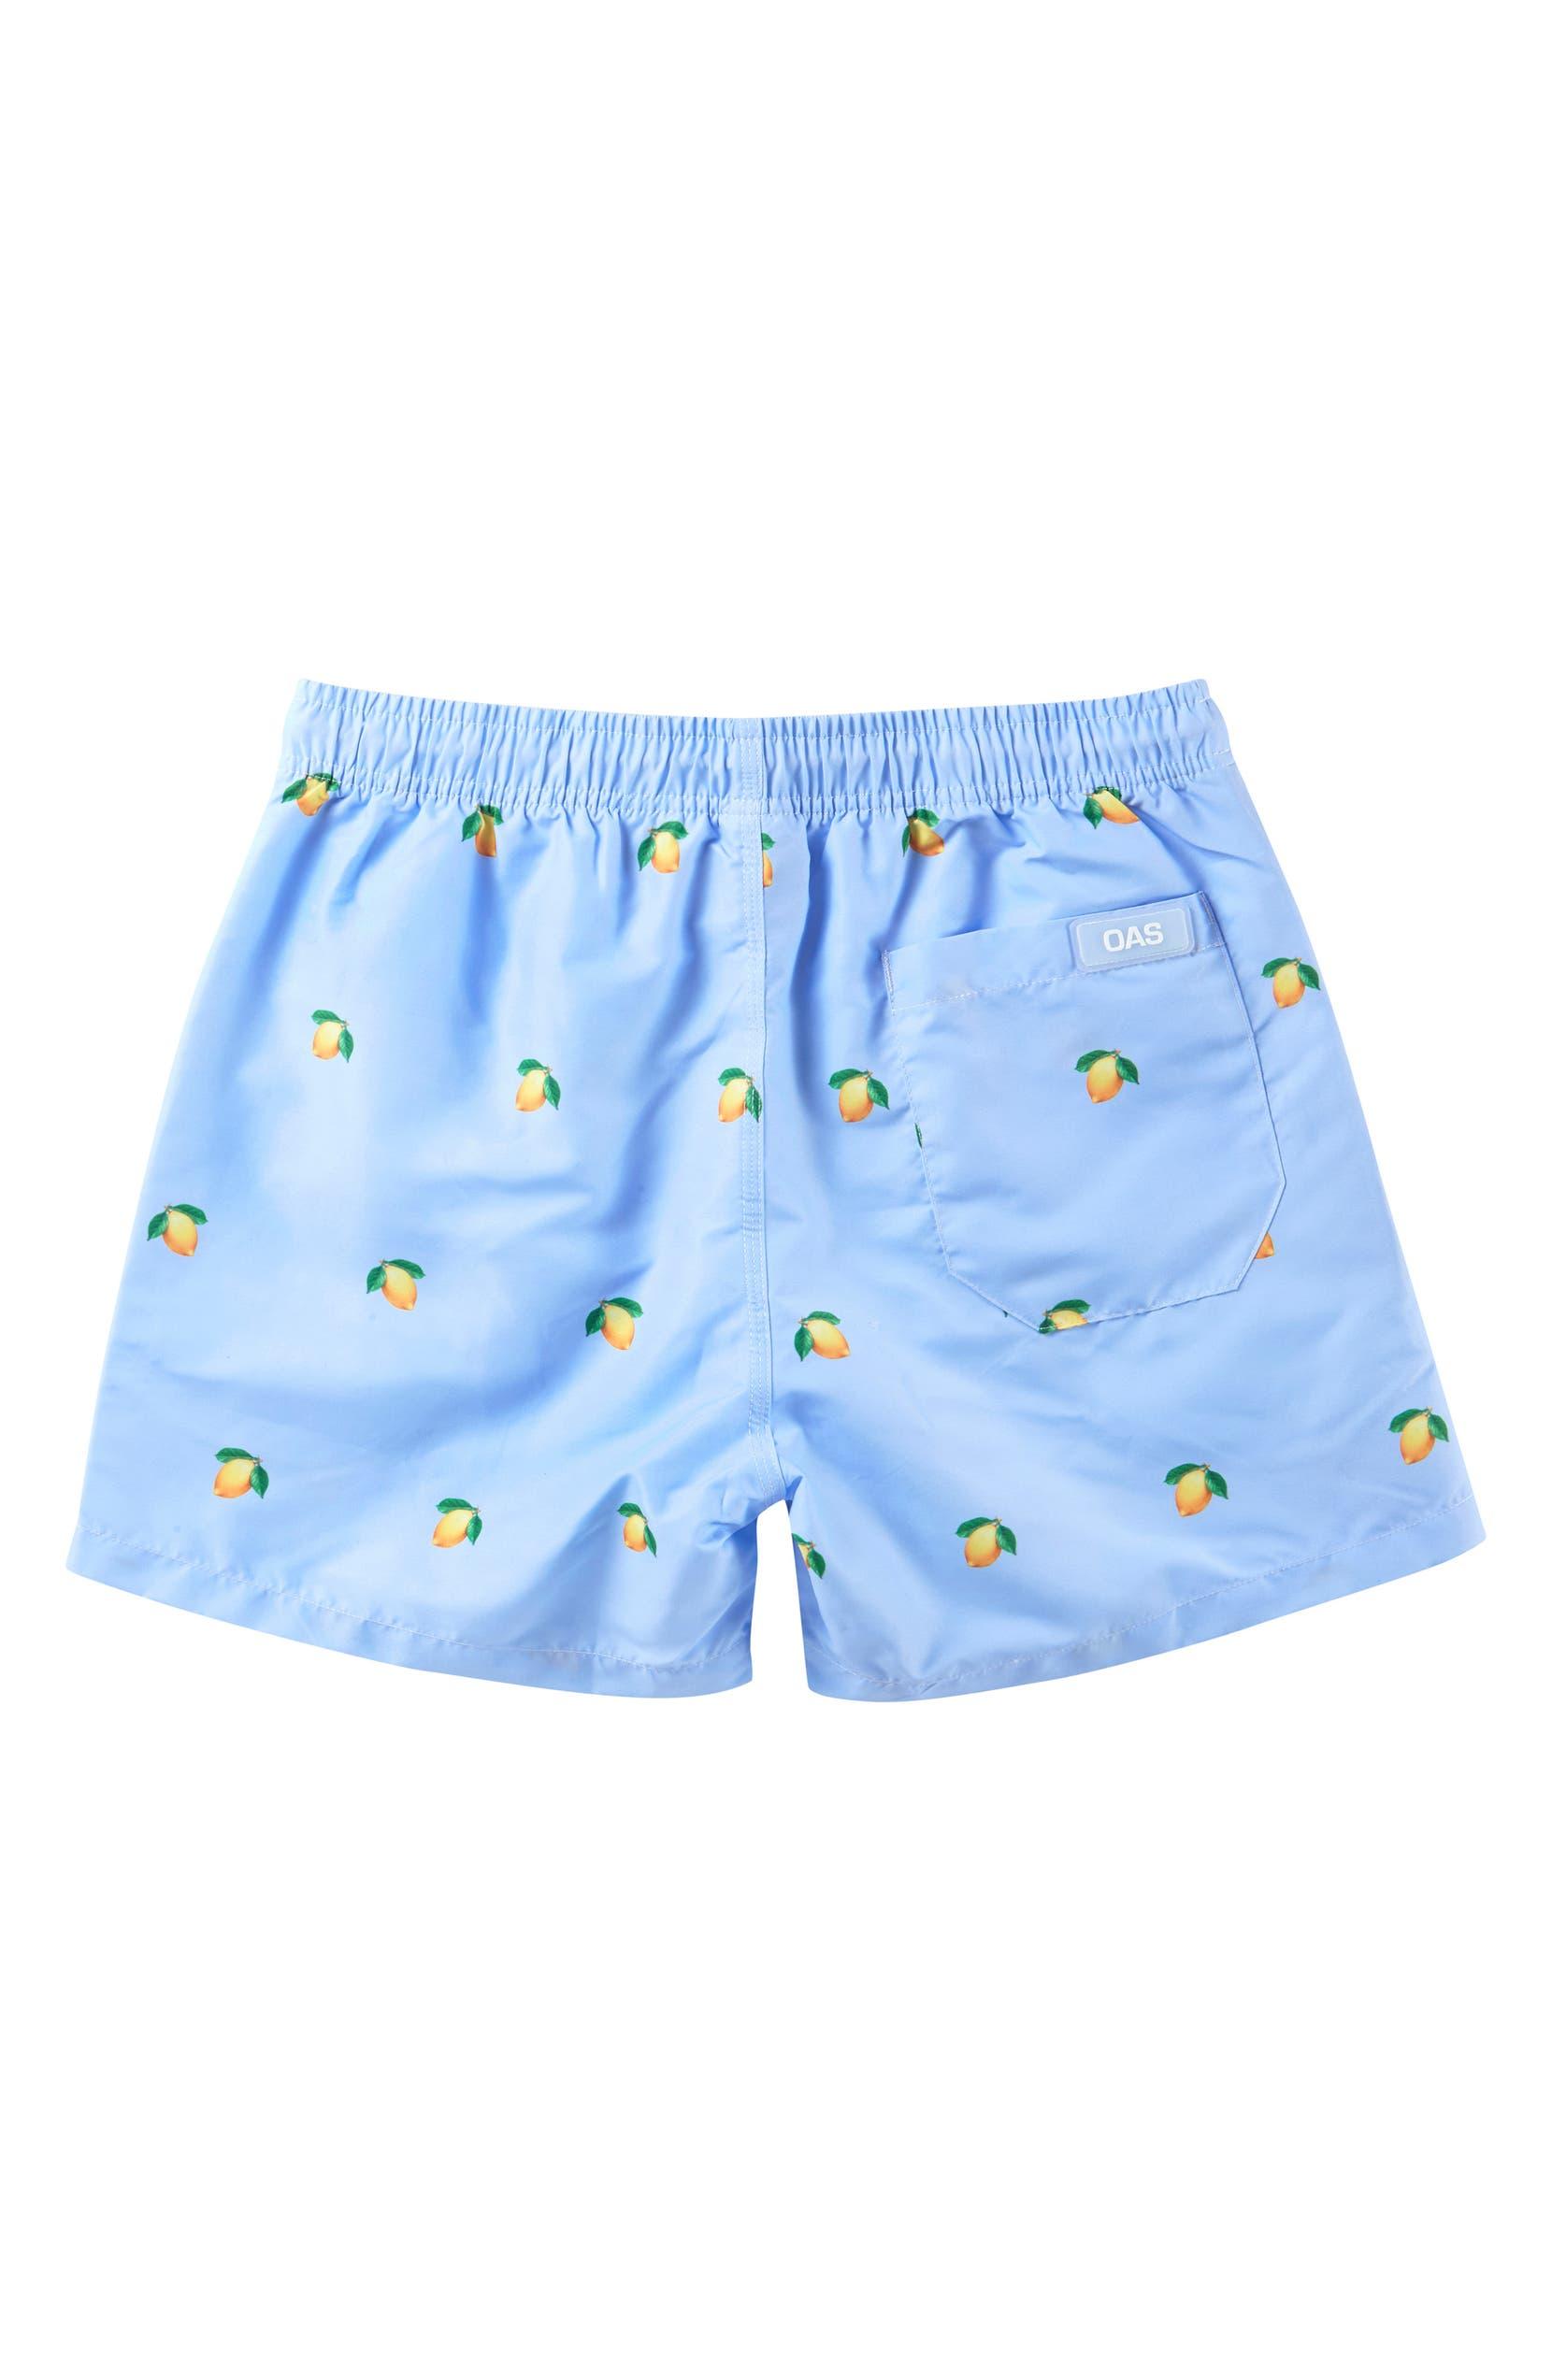 b55101218564 OAS SWIM Lemon Swim Trunks (Toddler Boys, Little Boys & Big Boys) |  Nordstrom